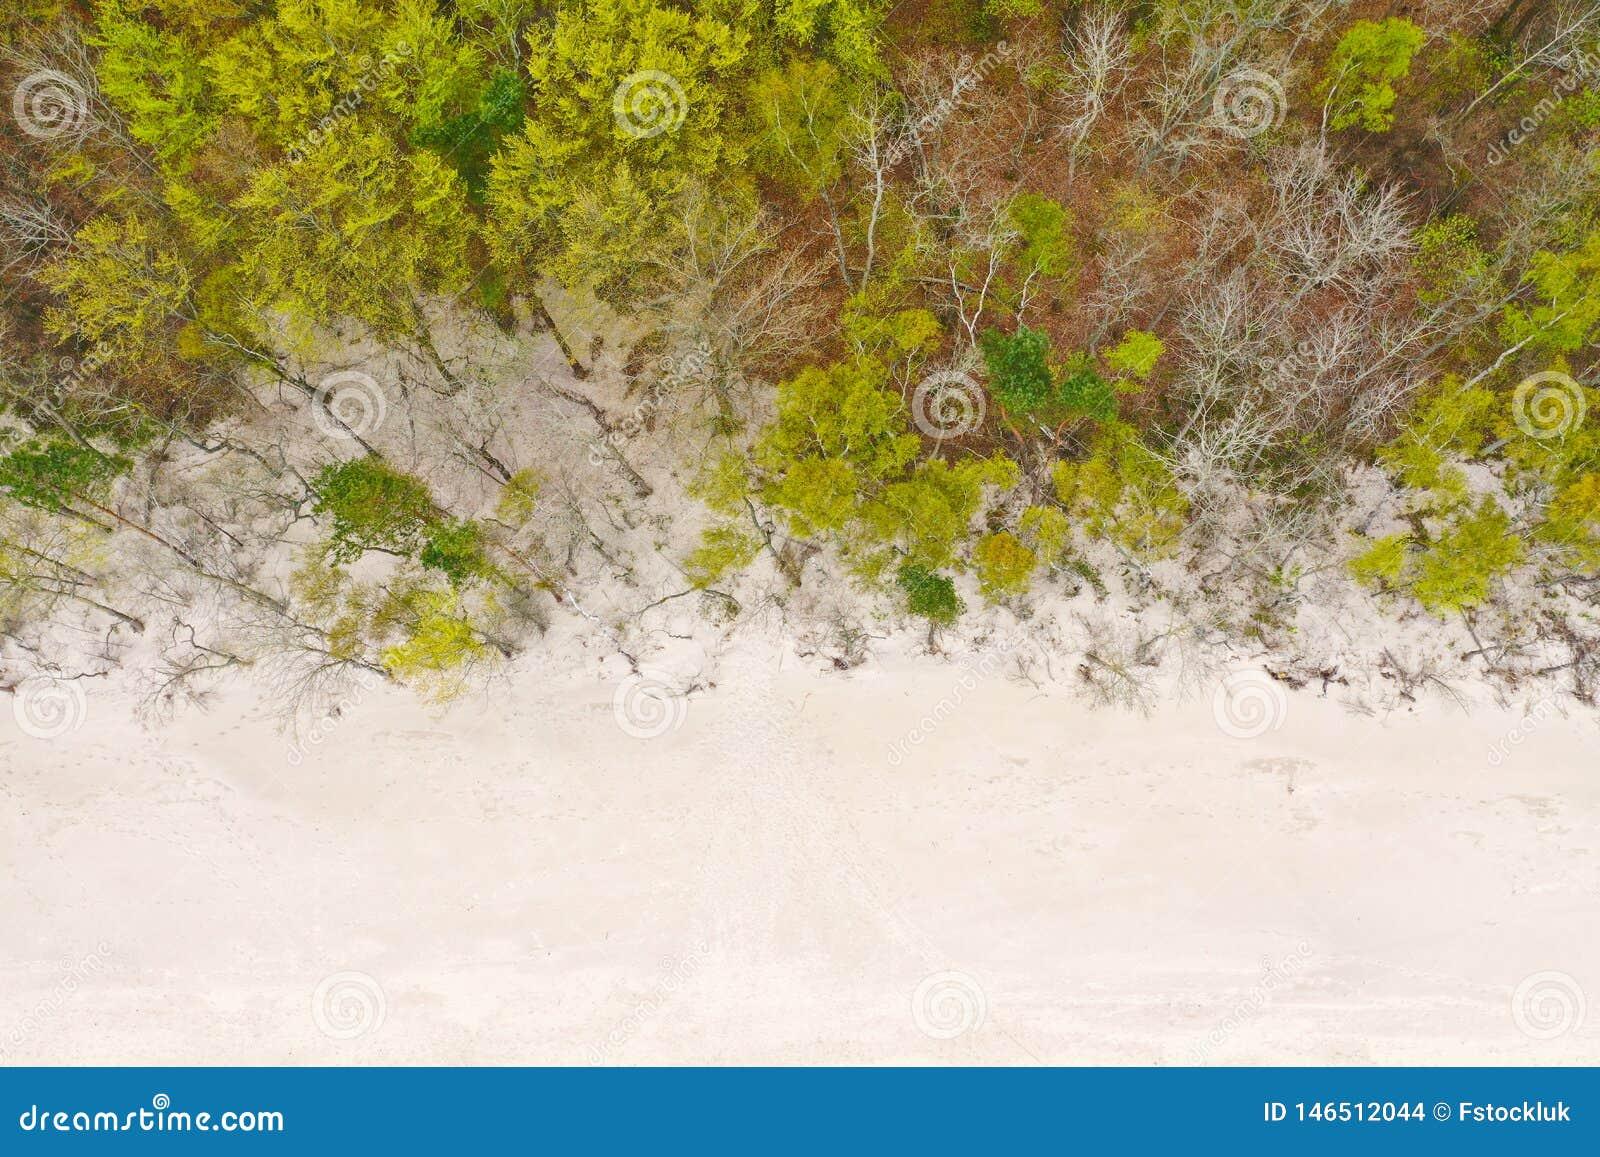 Dessus aérien en bas de vue sur la plage propre blanche de sable et la forêt à feuilles caduques pendant le ressort